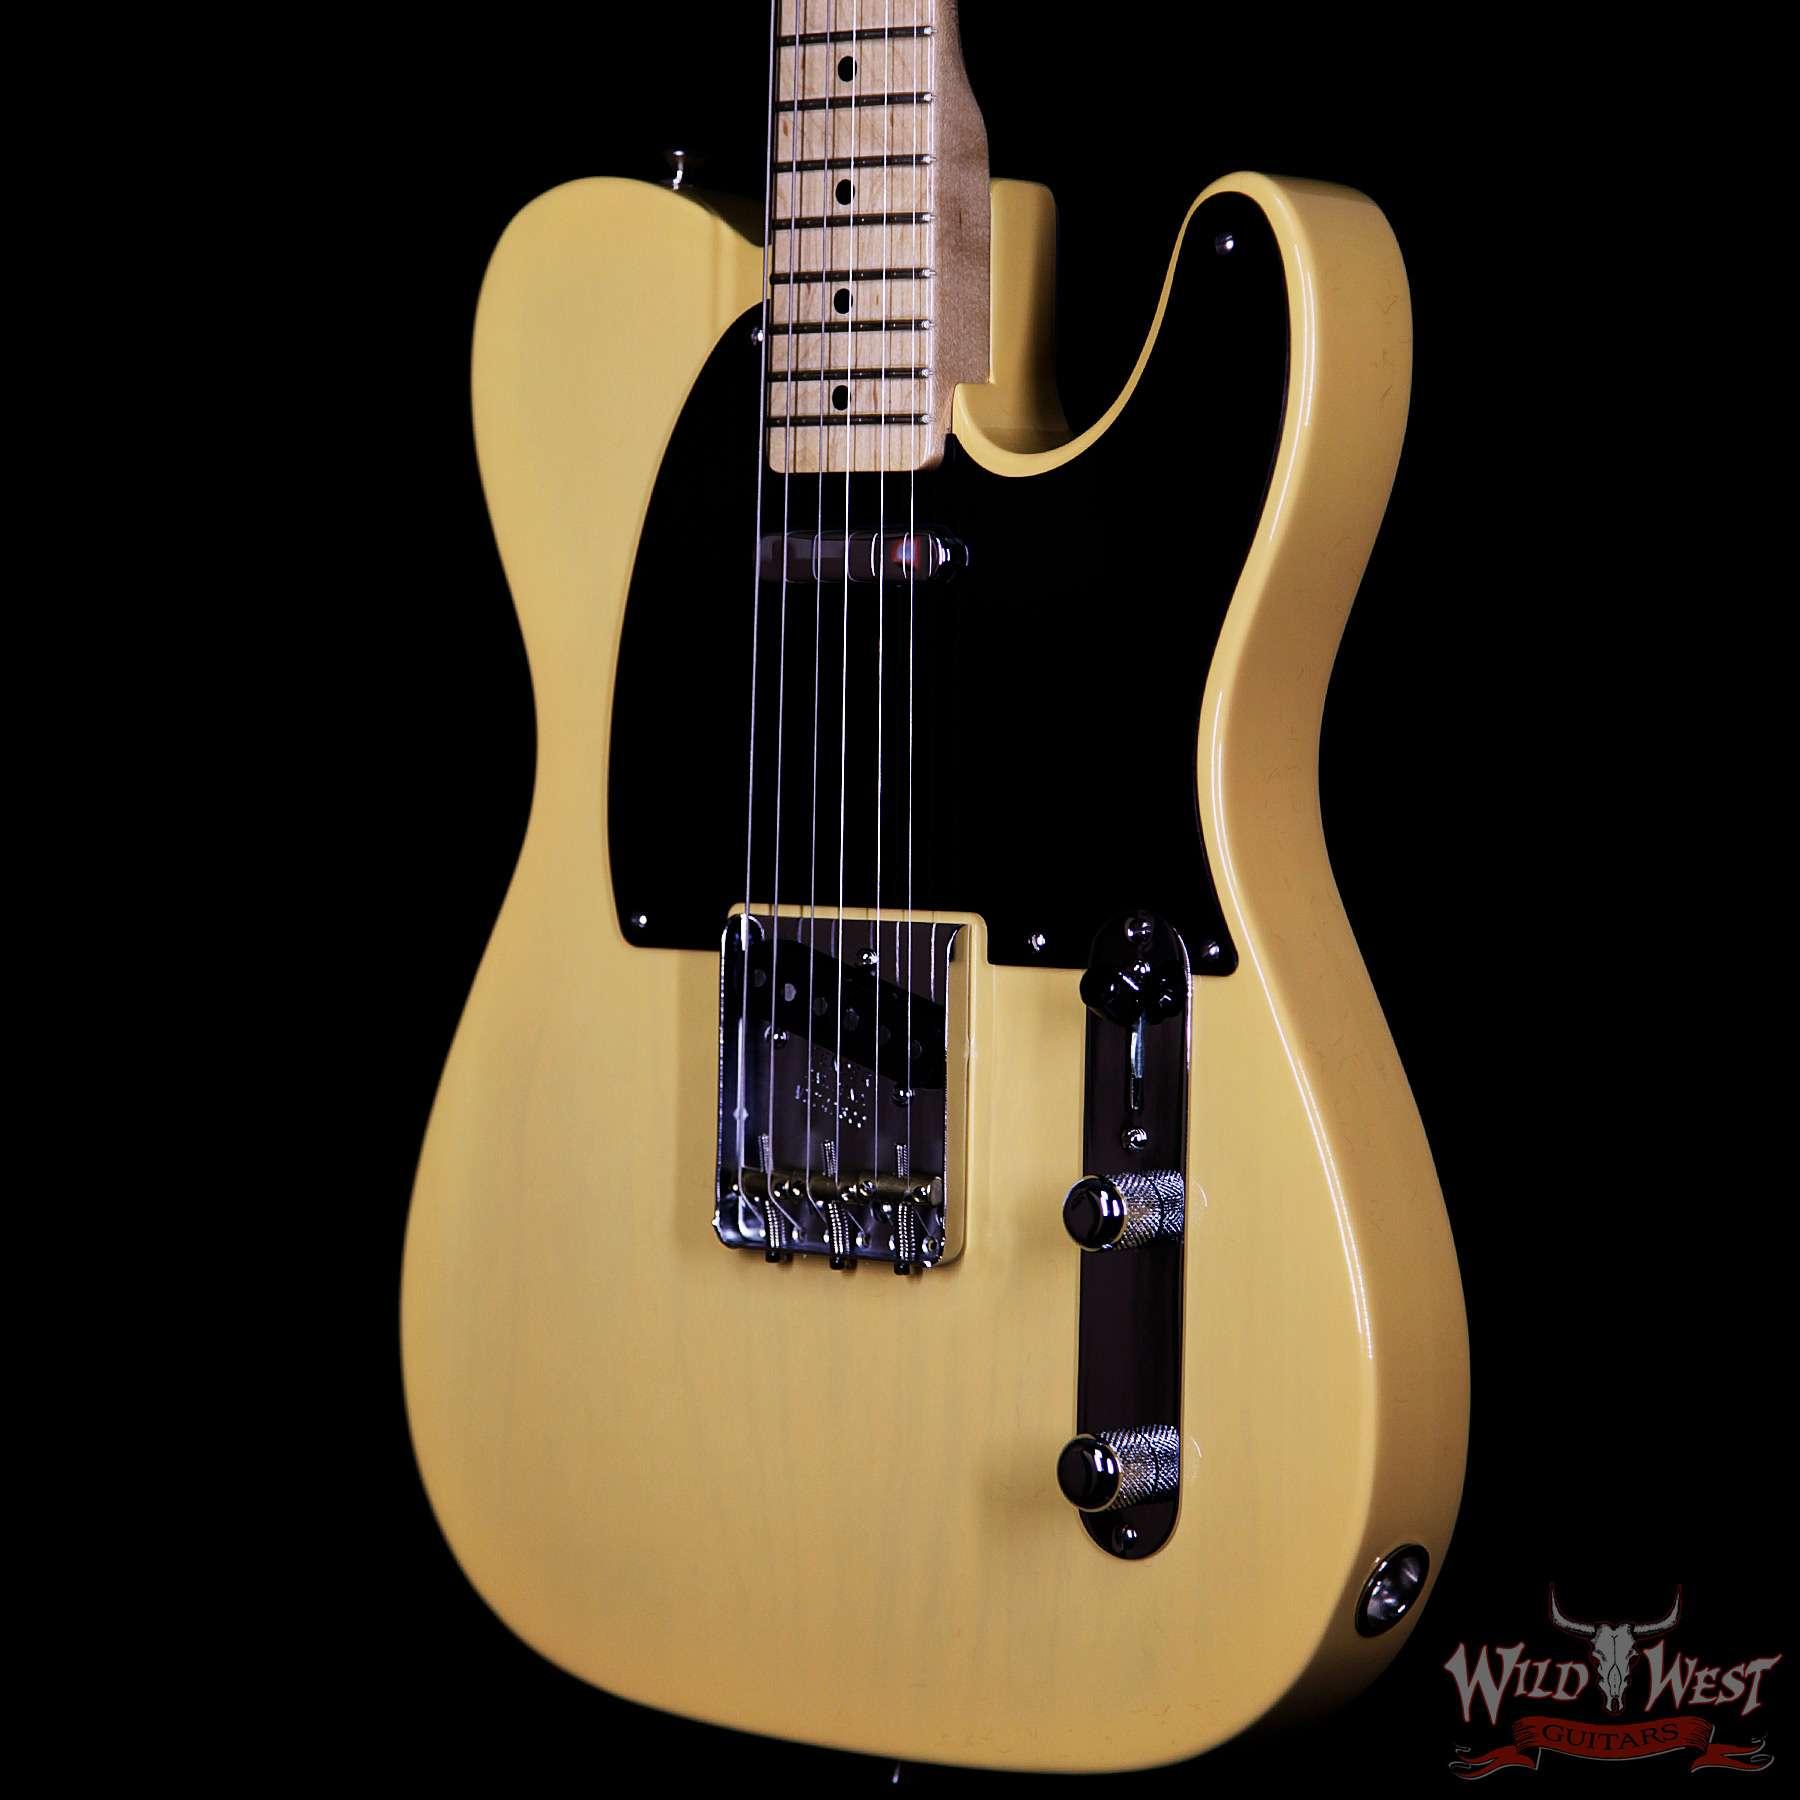 fender usa american vintage 52 1952 telecaster maple neck butterscotch blonde wild west guitars. Black Bedroom Furniture Sets. Home Design Ideas